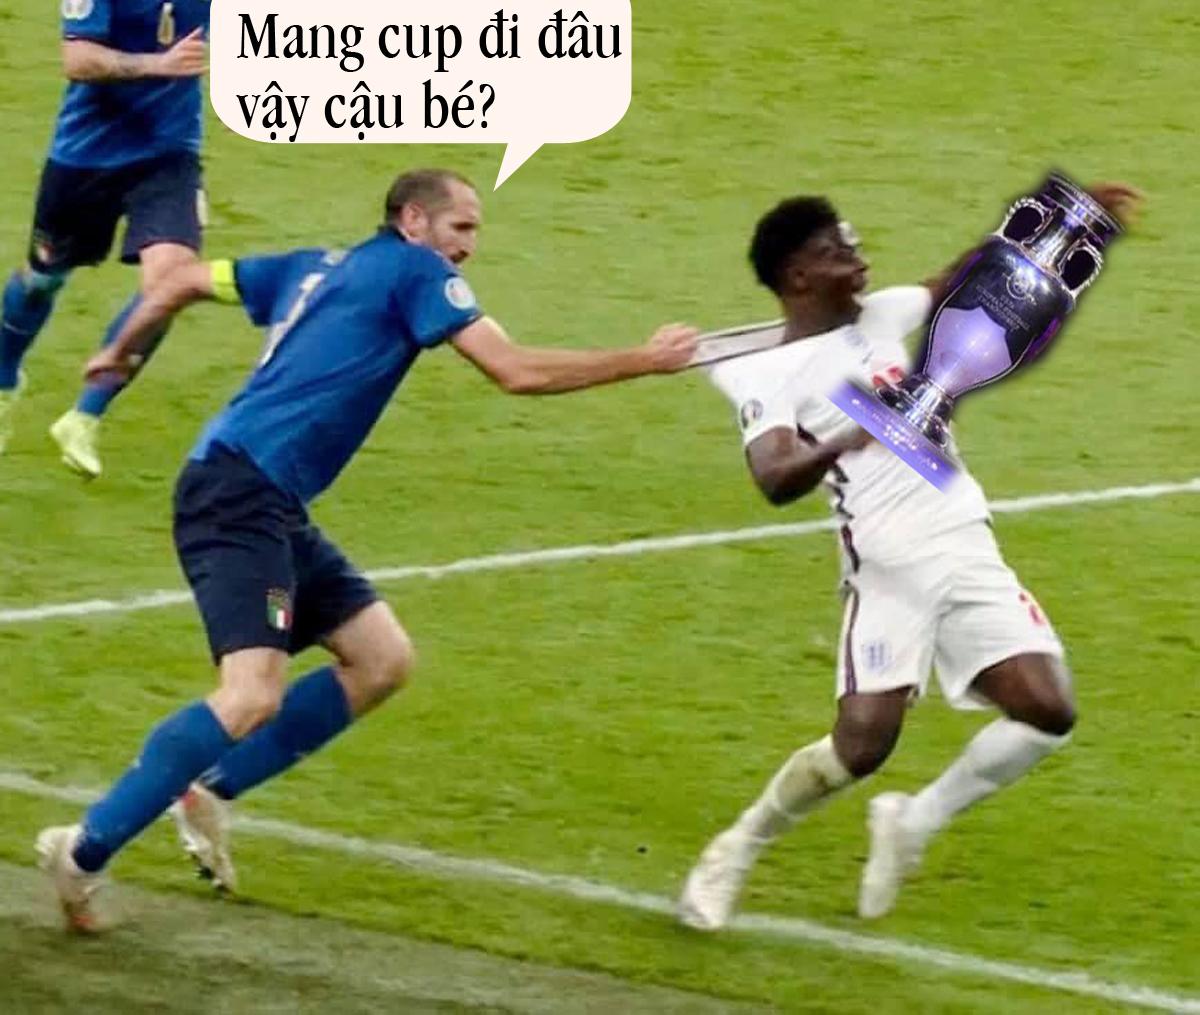 Saka không thể giúp tuyển Anh có được chiếc cup danh giá.